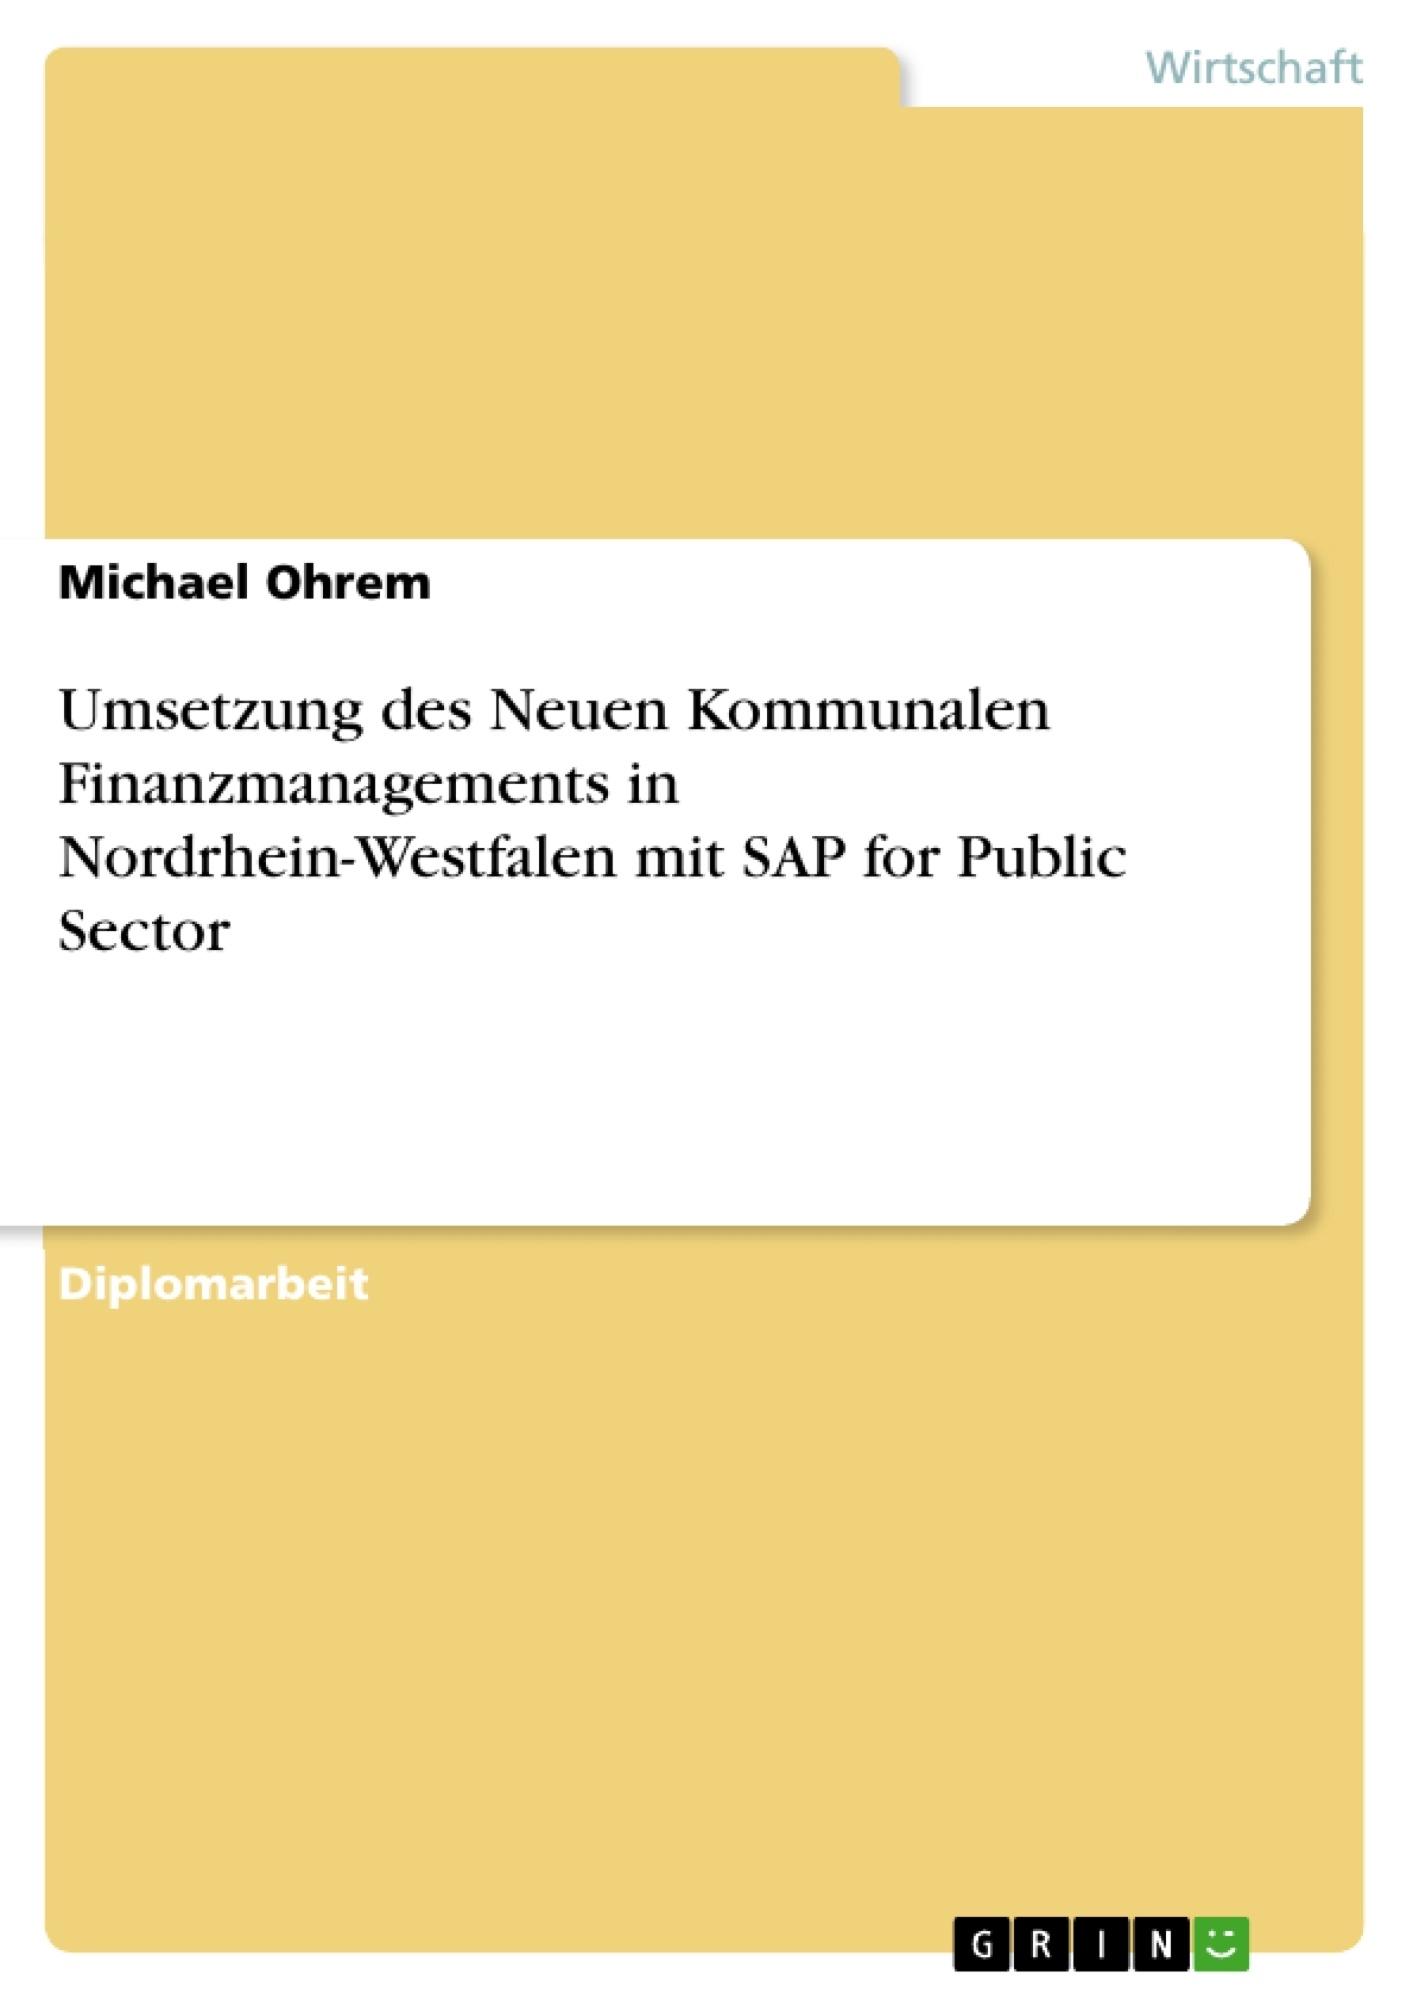 Titel: Umsetzung des Neuen Kommunalen Finanzmanagements in Nordrhein-Westfalen mit SAP for Public Sector